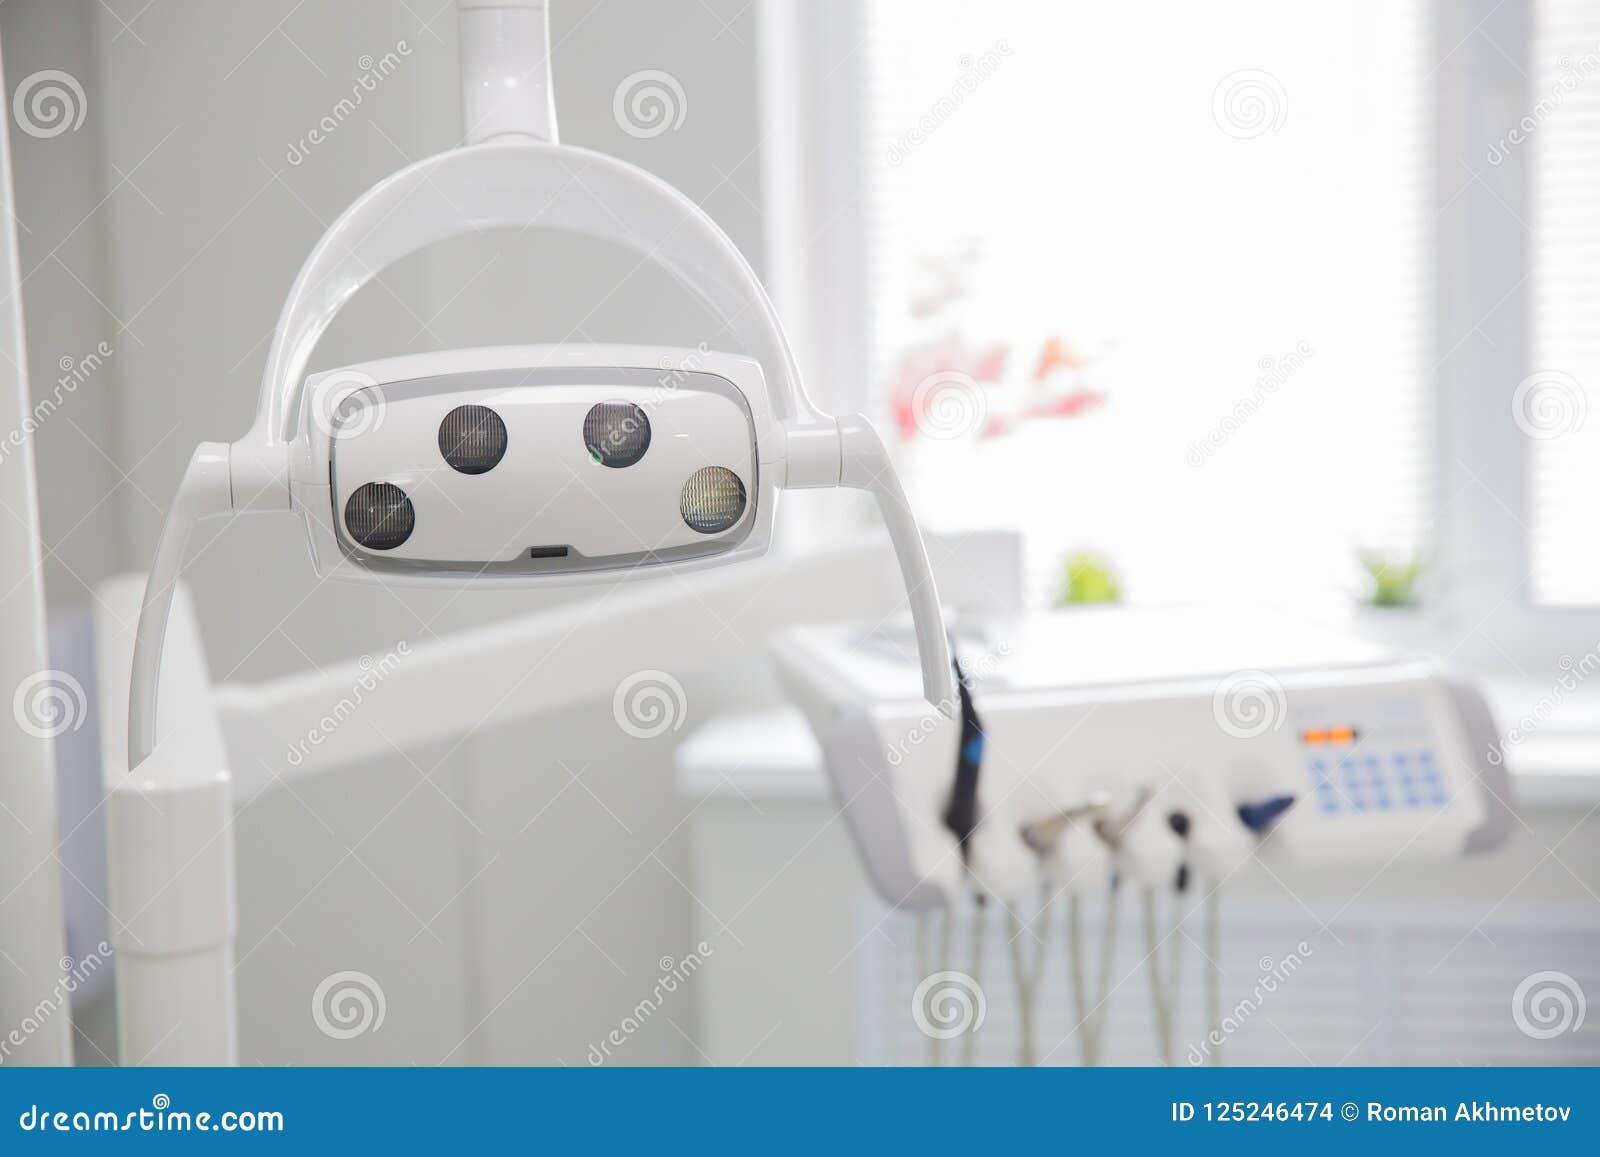 Medicina, estomatología, oficina dental de la clínica, equipamiento médico para la odontología